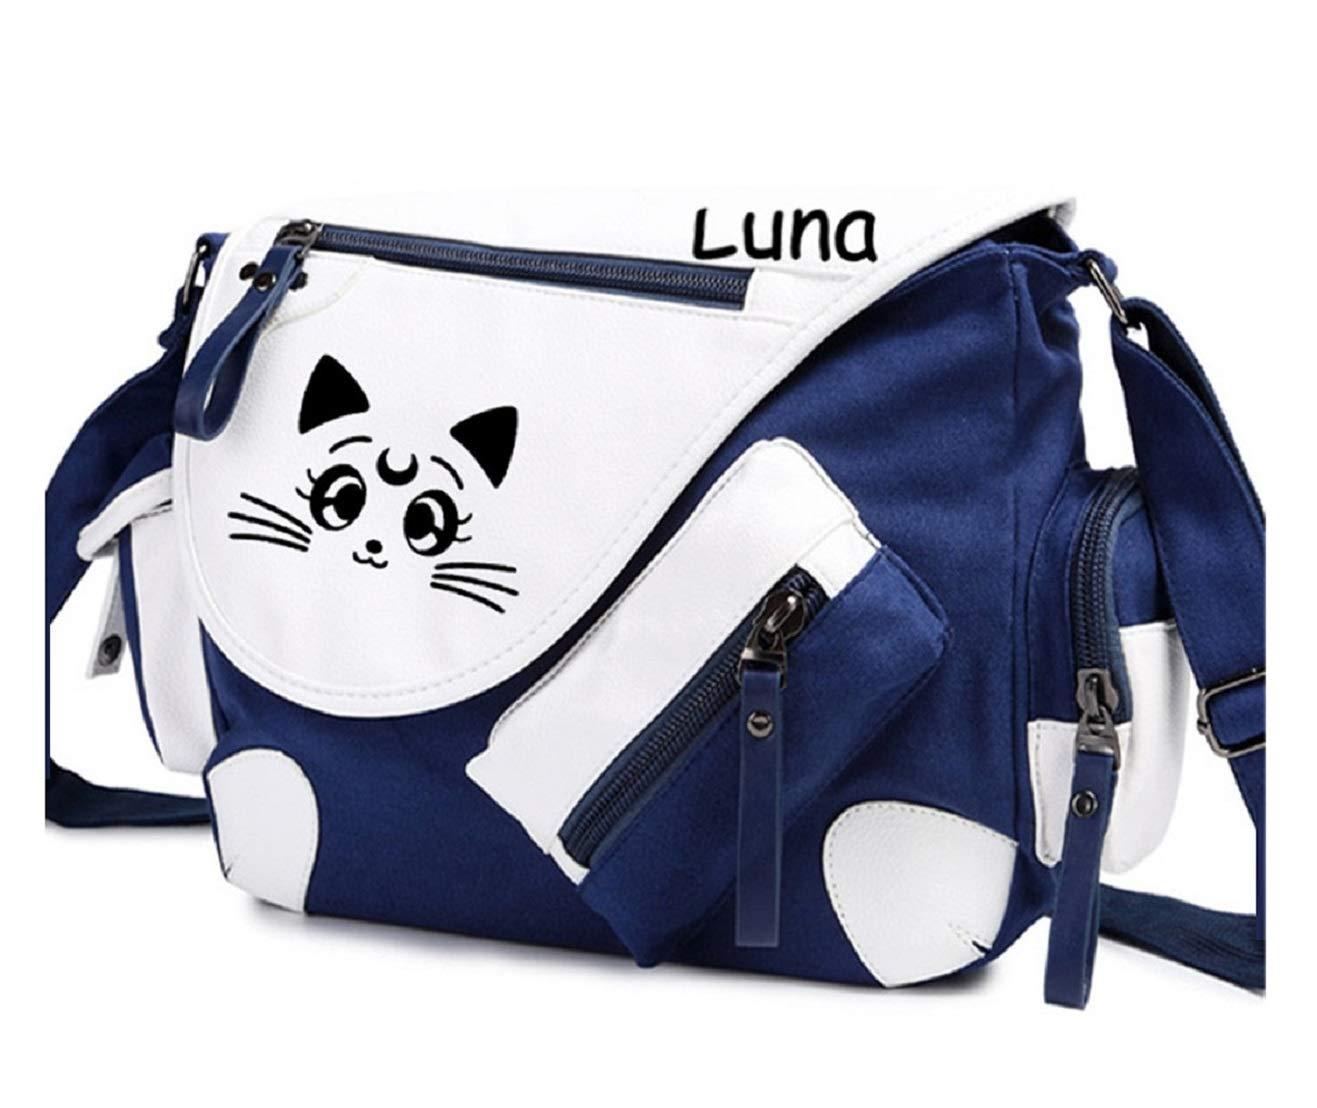 YOYOSHome Japanese Anime Cosplay Daypack Backpack Messenger Bag Shoulder Bag